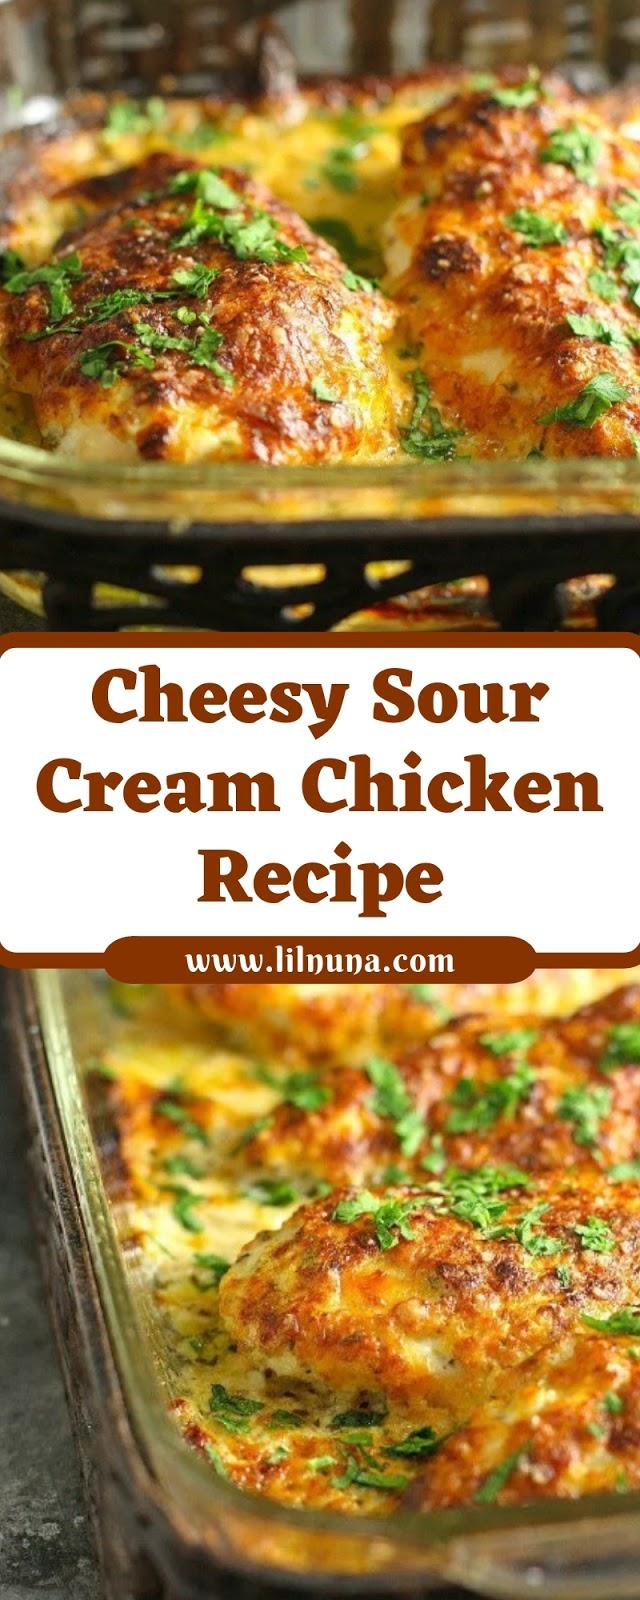 Cheesy Sour Cream Chicken Recipe